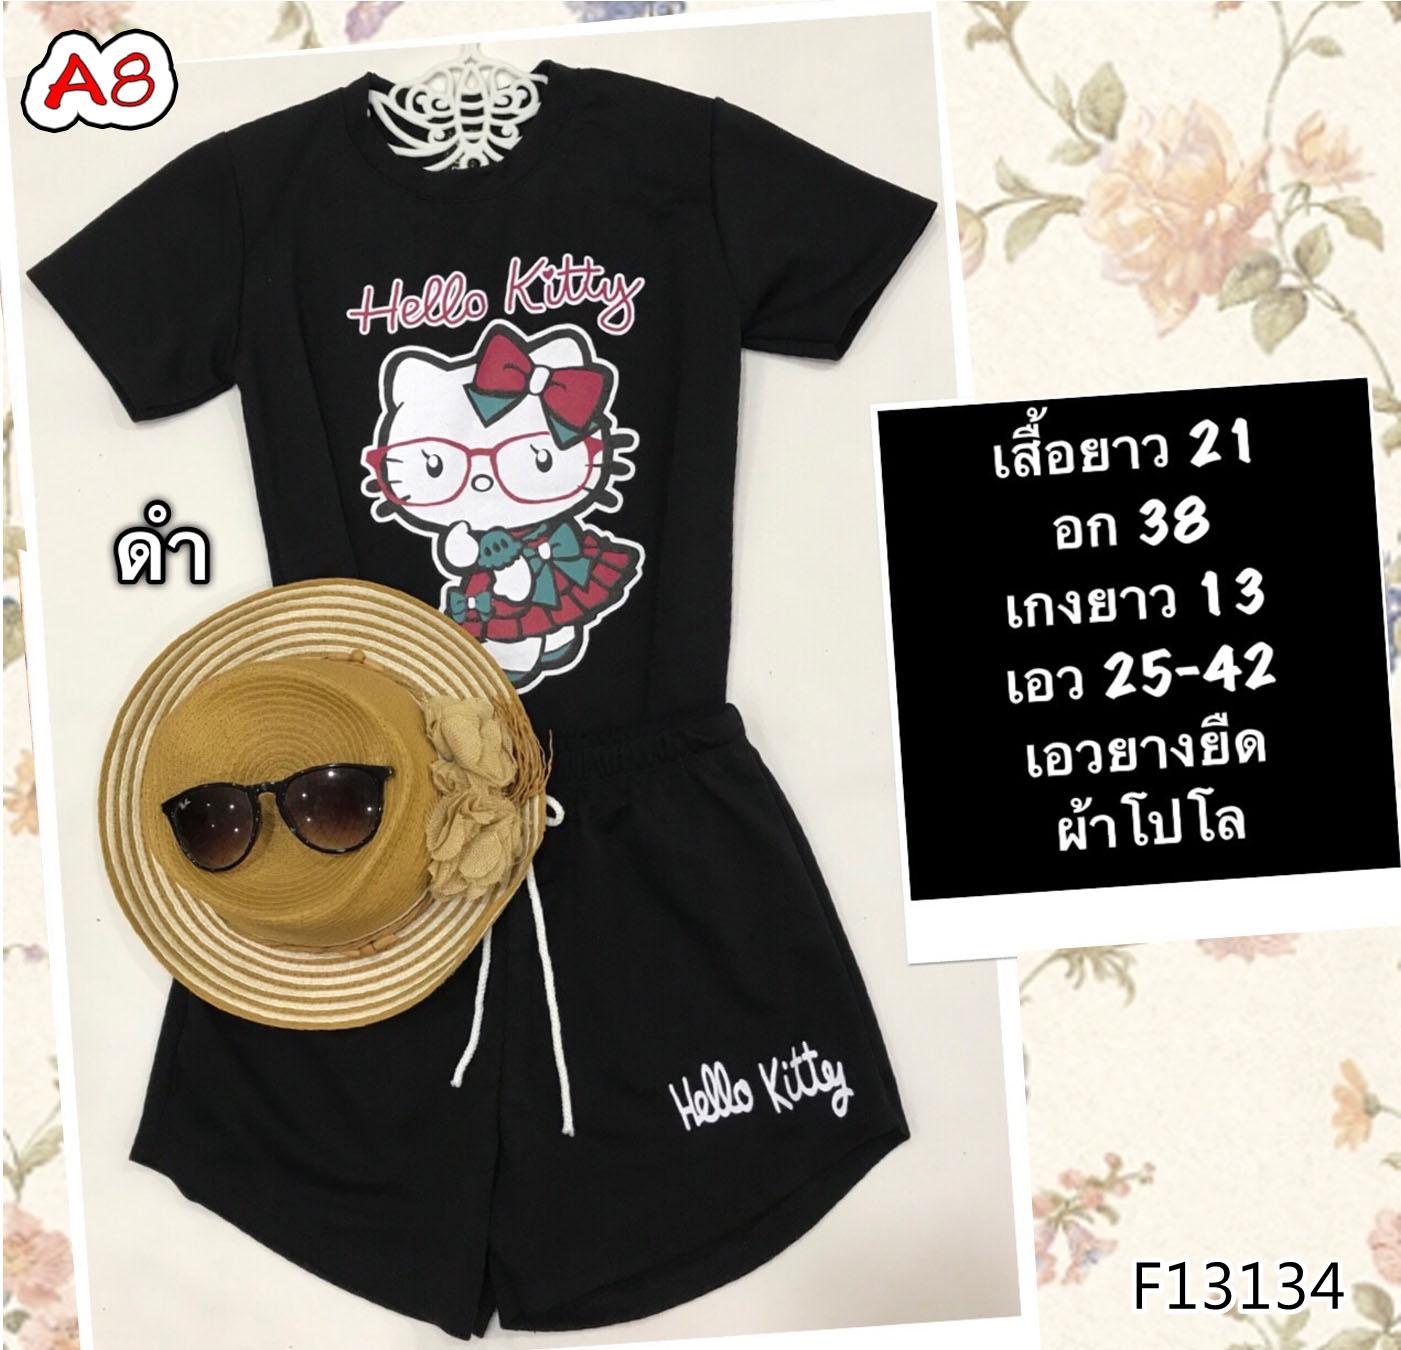 F13134 เซ็ต 2 ชิ้น เสื้อ+กางเกง เสื้อแขนสั้น+ กางเกงขาสั้นกางเกวใส่ยางยืดรอบตัว สกรีน Hello kitty สีดำ